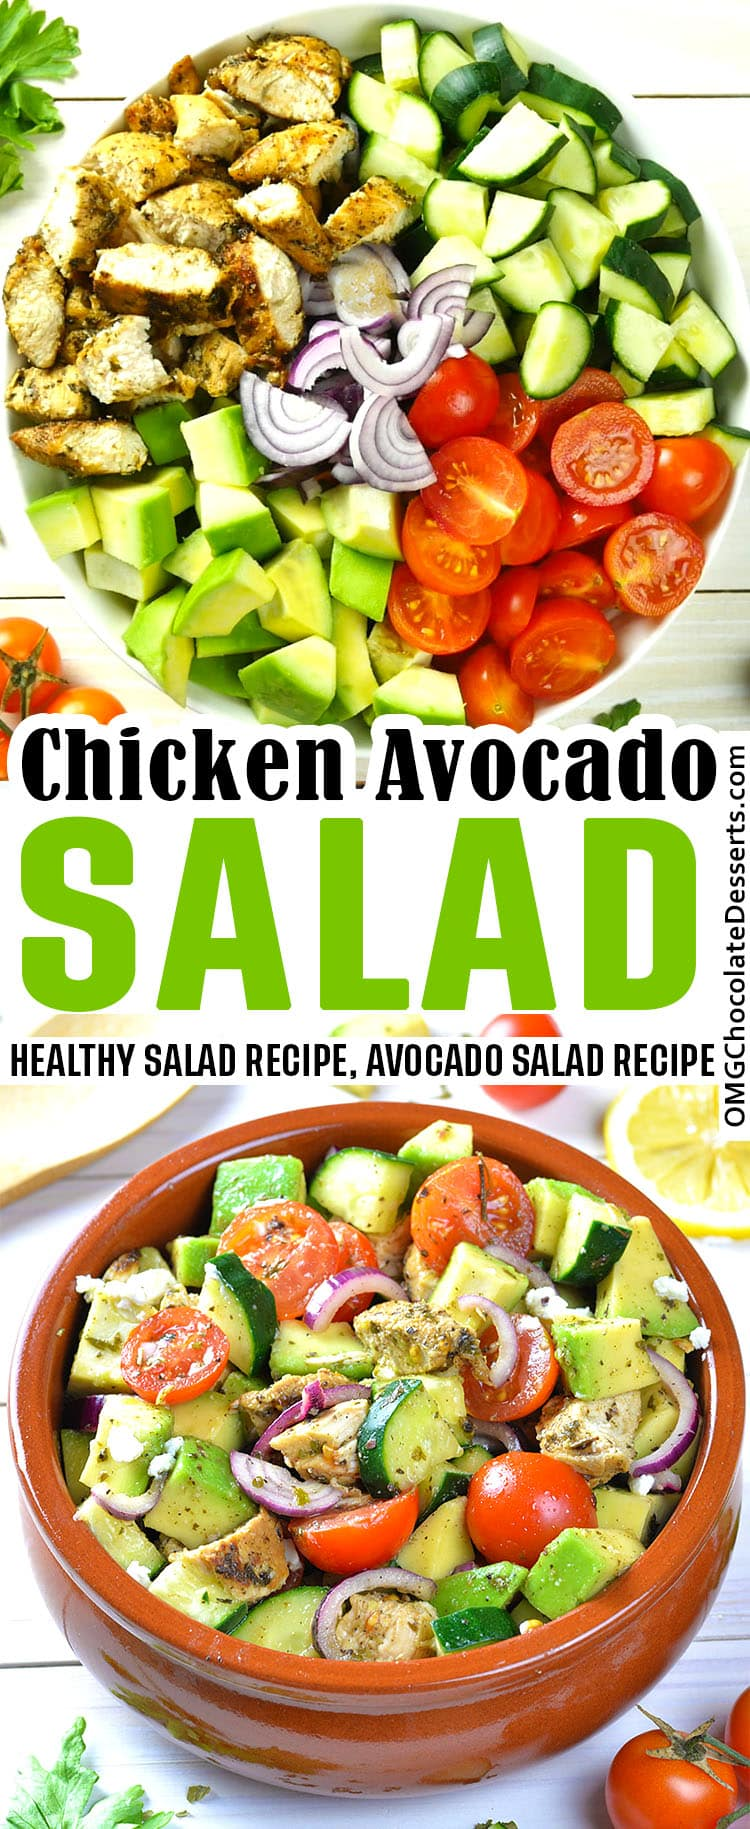 Healthy Chicken and Avocado Salad